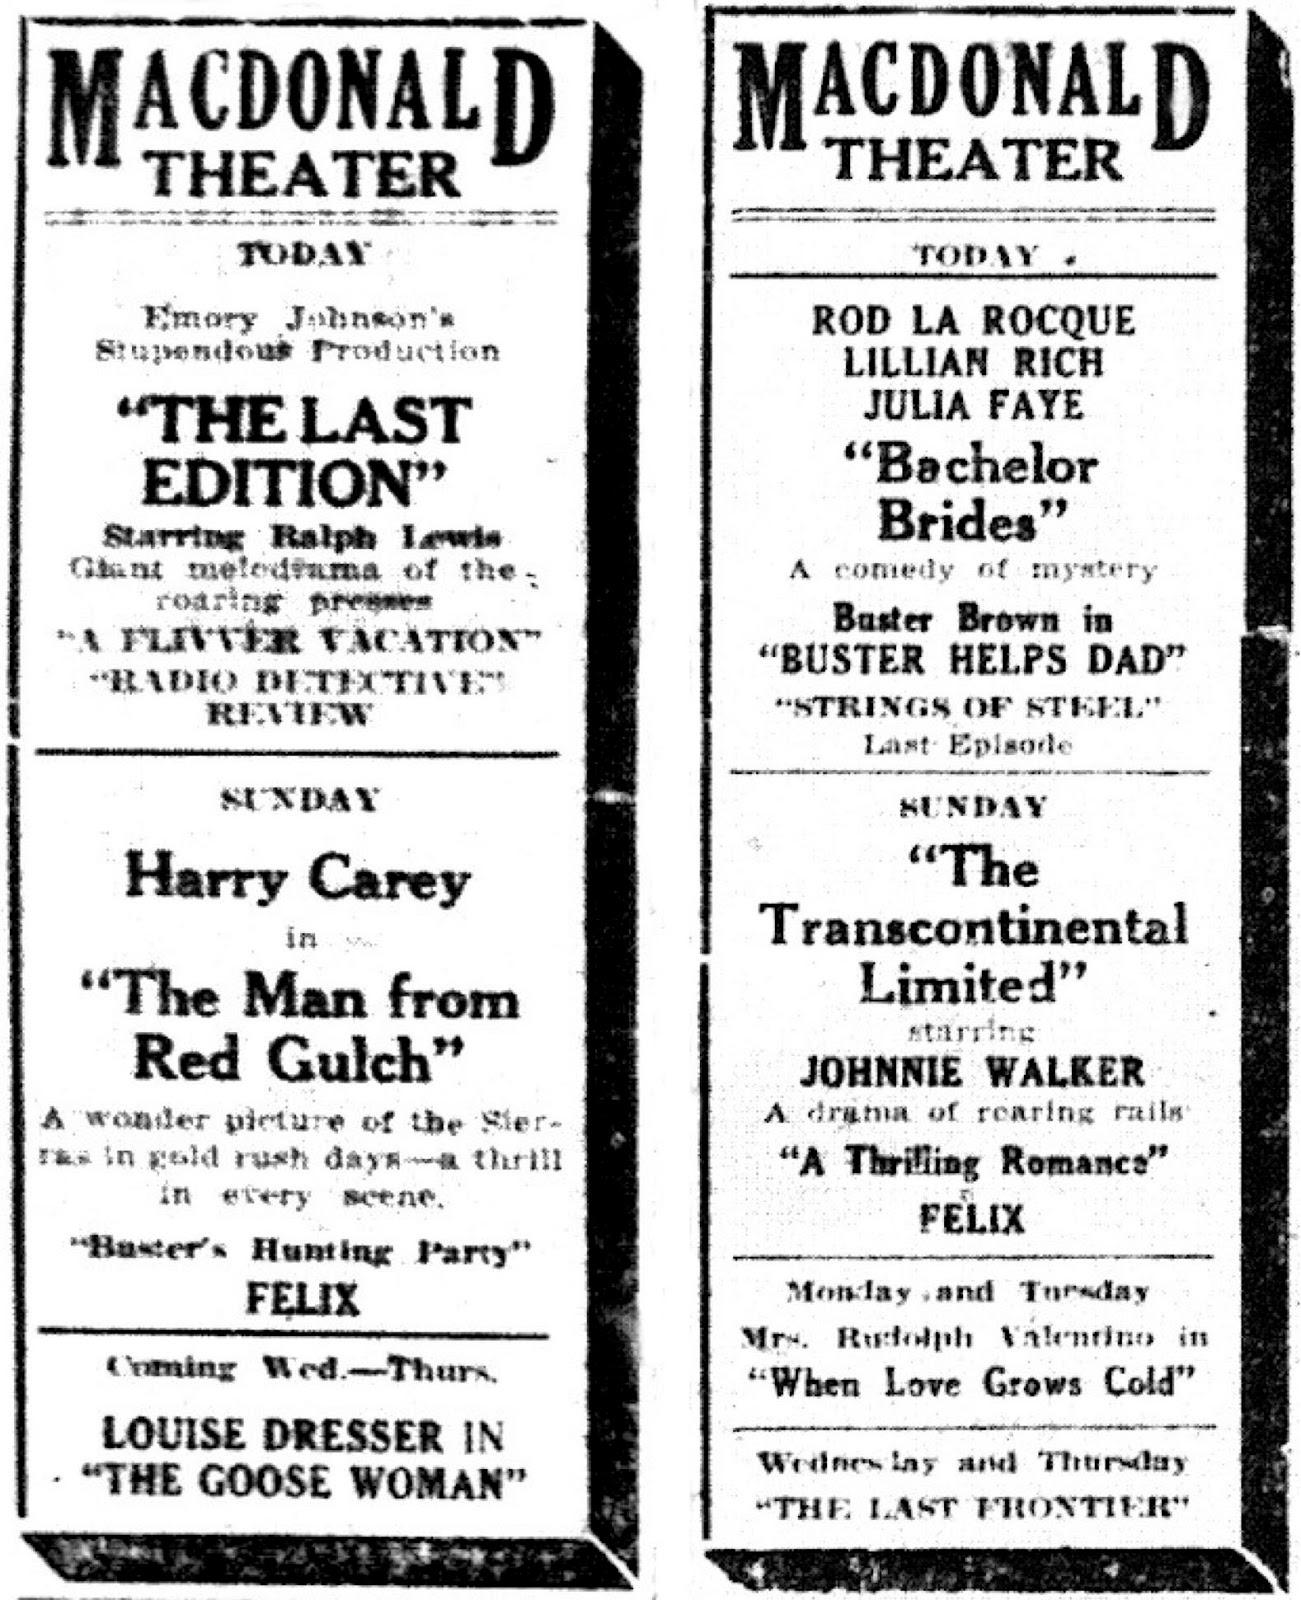 Lost Movie Theatres of Richmond California: 2014